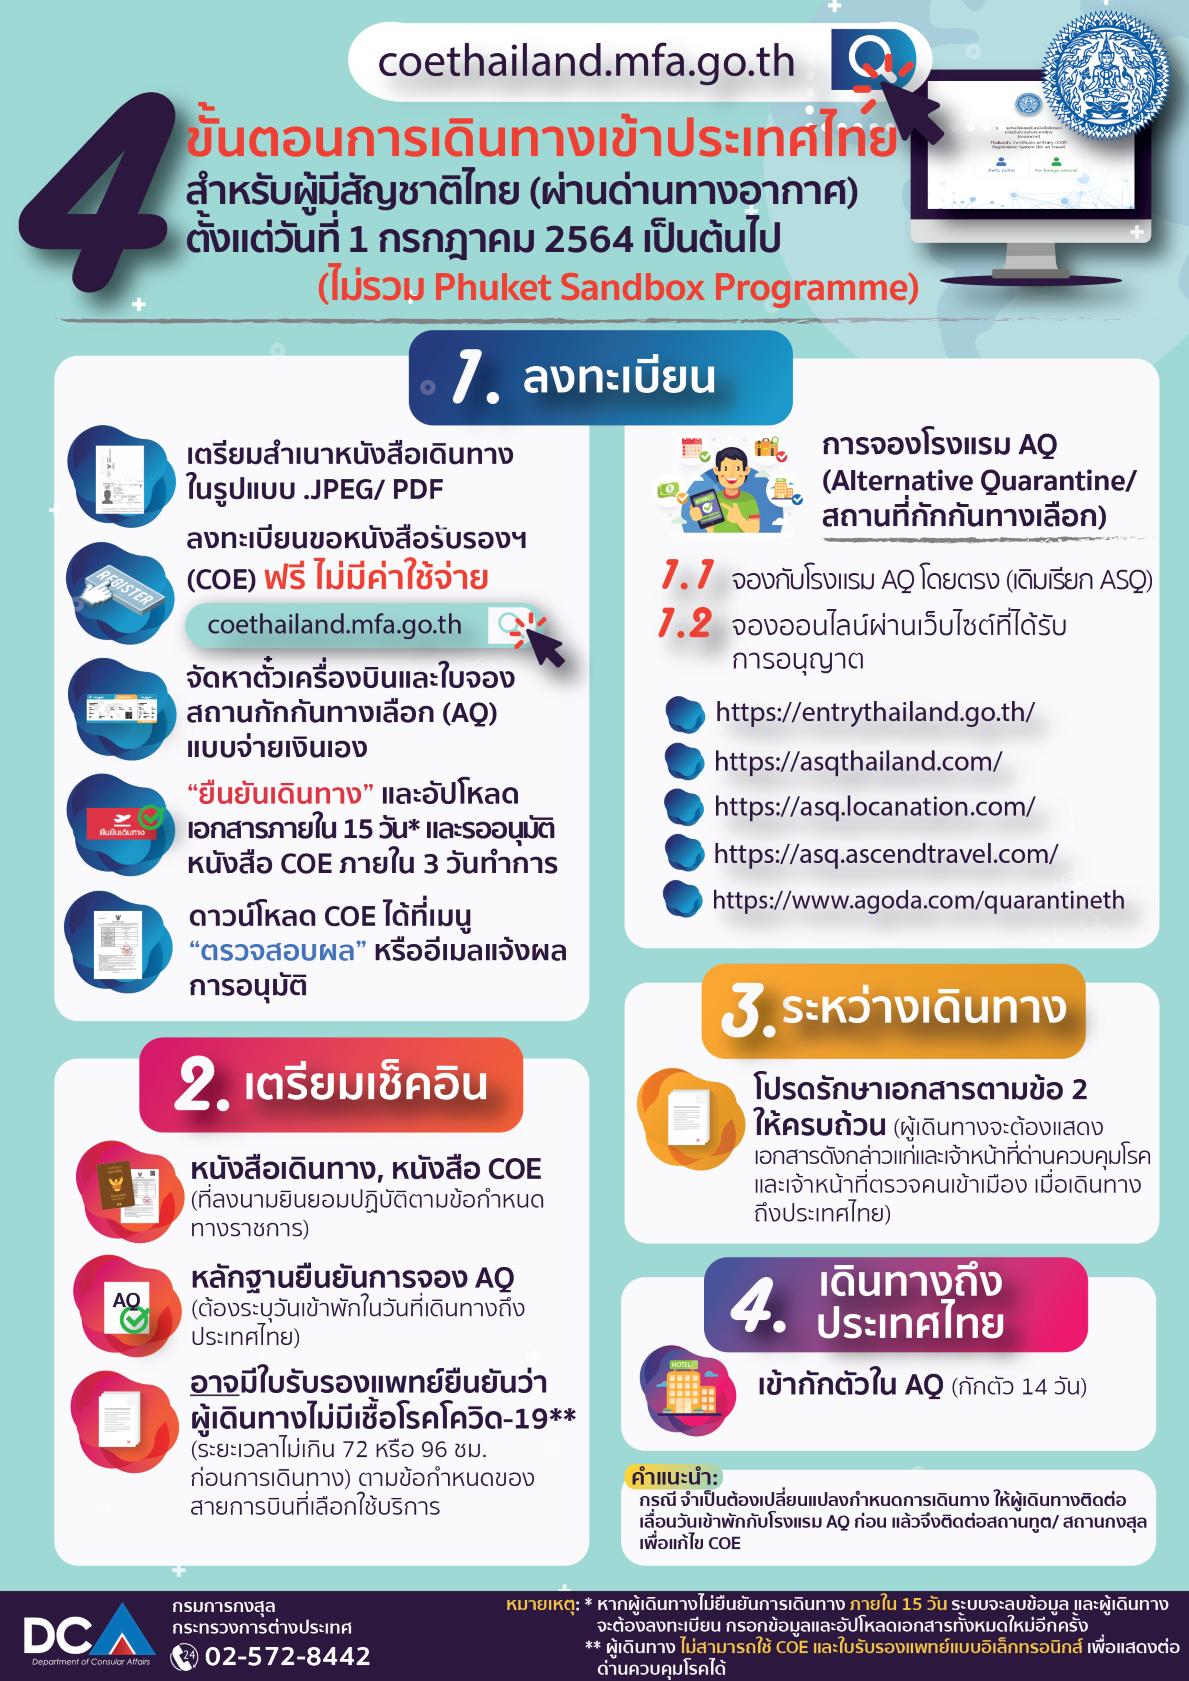 ขั้นตอนการเดินทางเข้าไทย_(เดือนกรกฎาคม_64)-01_re